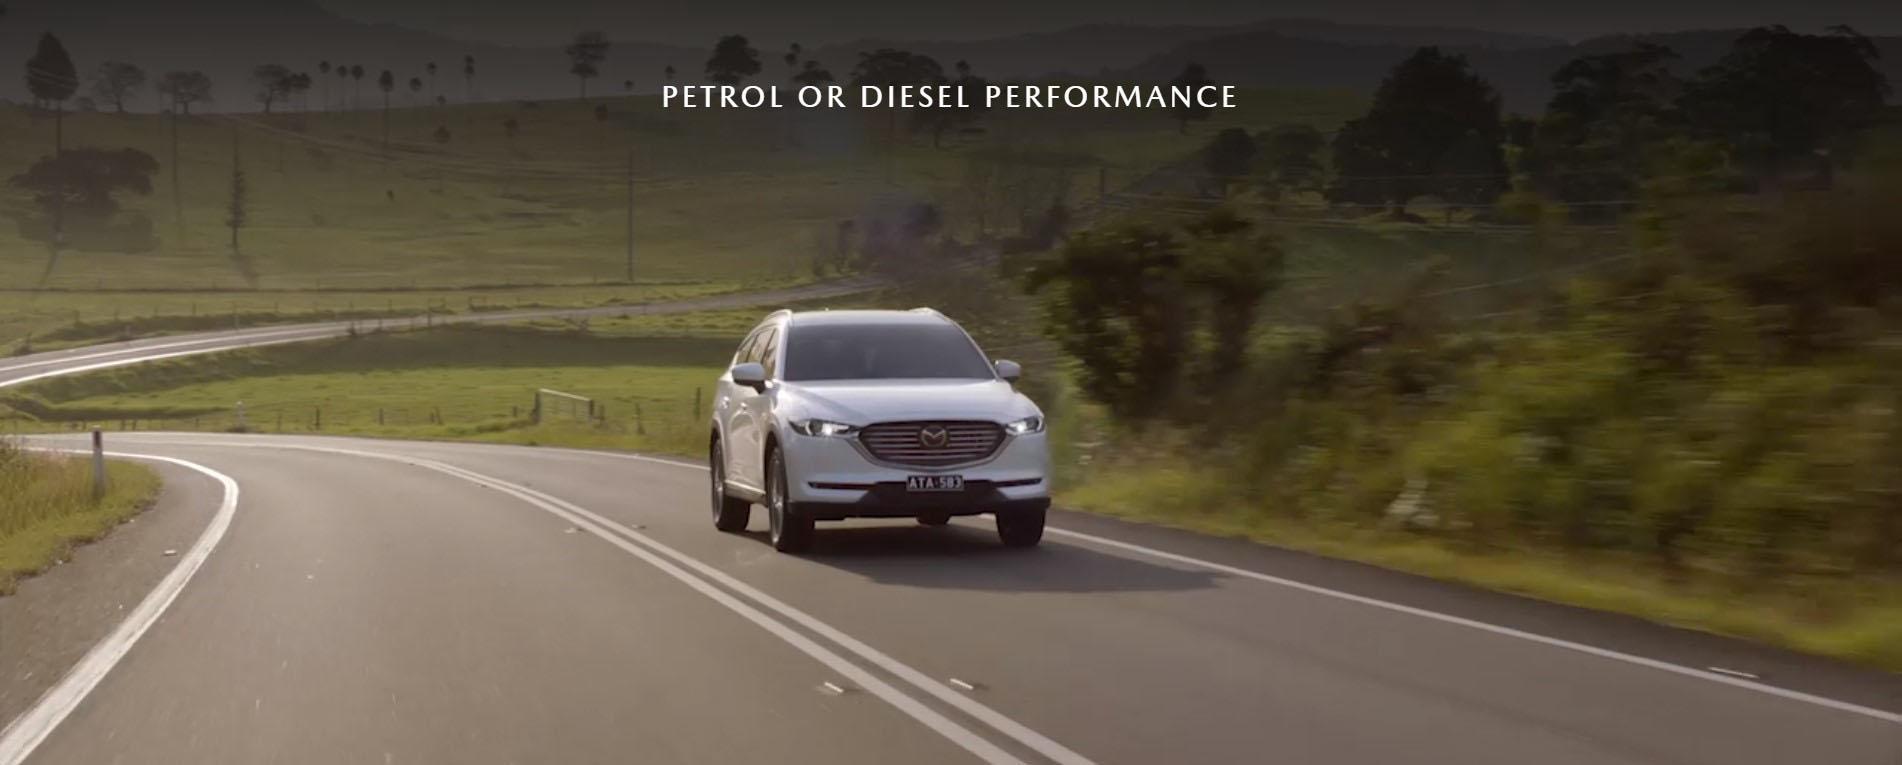 Petrol-or-Diesel